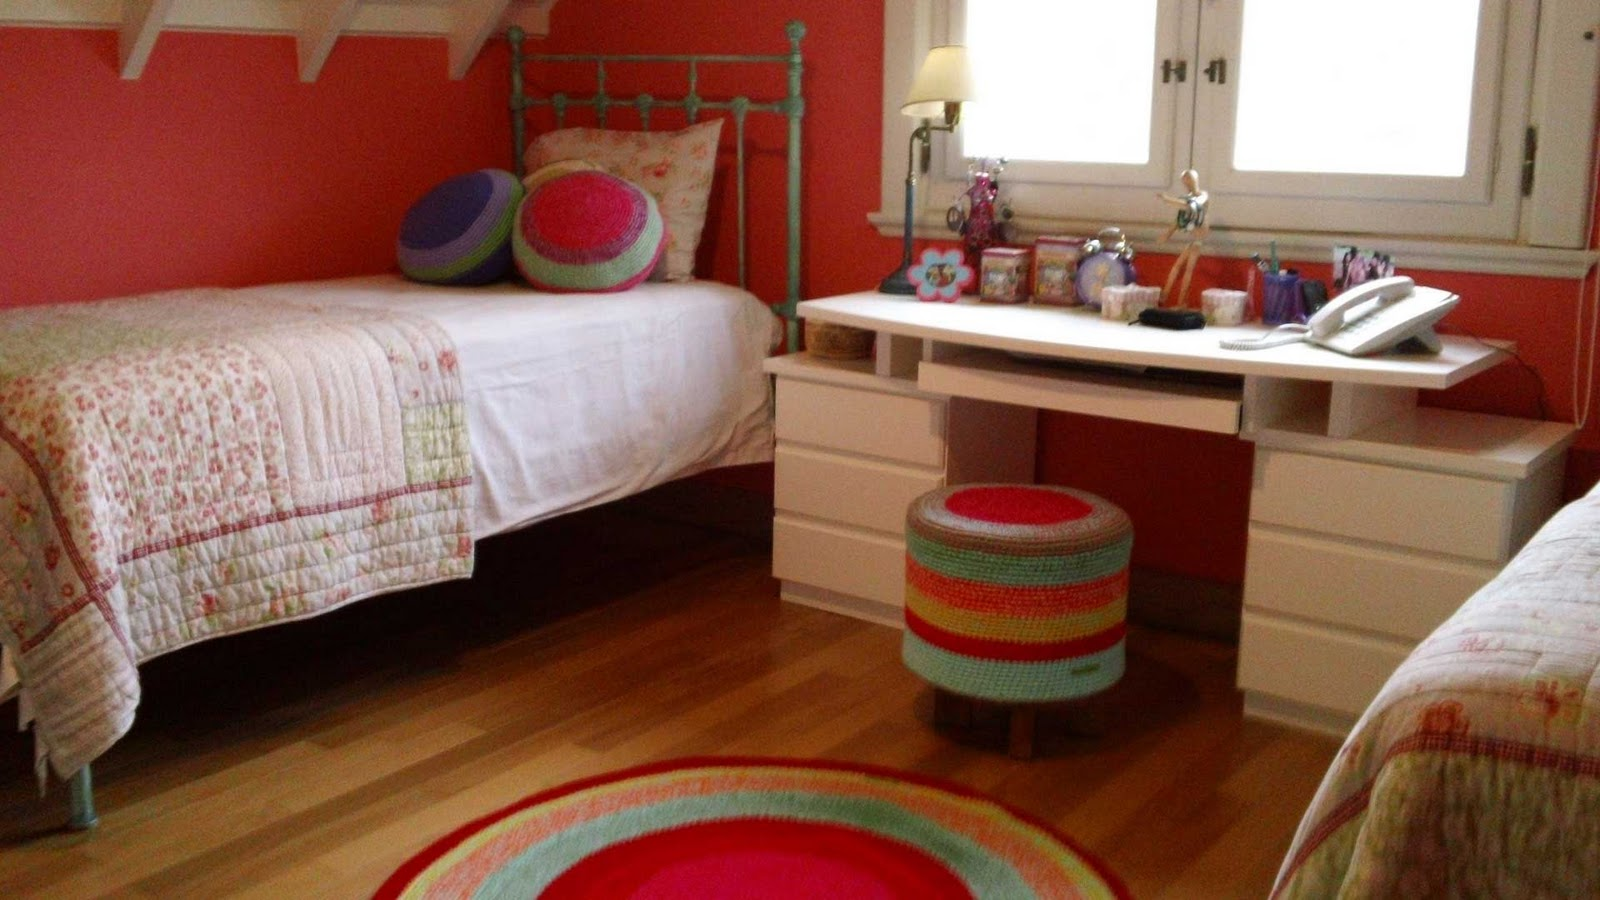 Puerta al sur decorar el cuarto de una adolescente - Decorar habitacion nina 2 anos ...